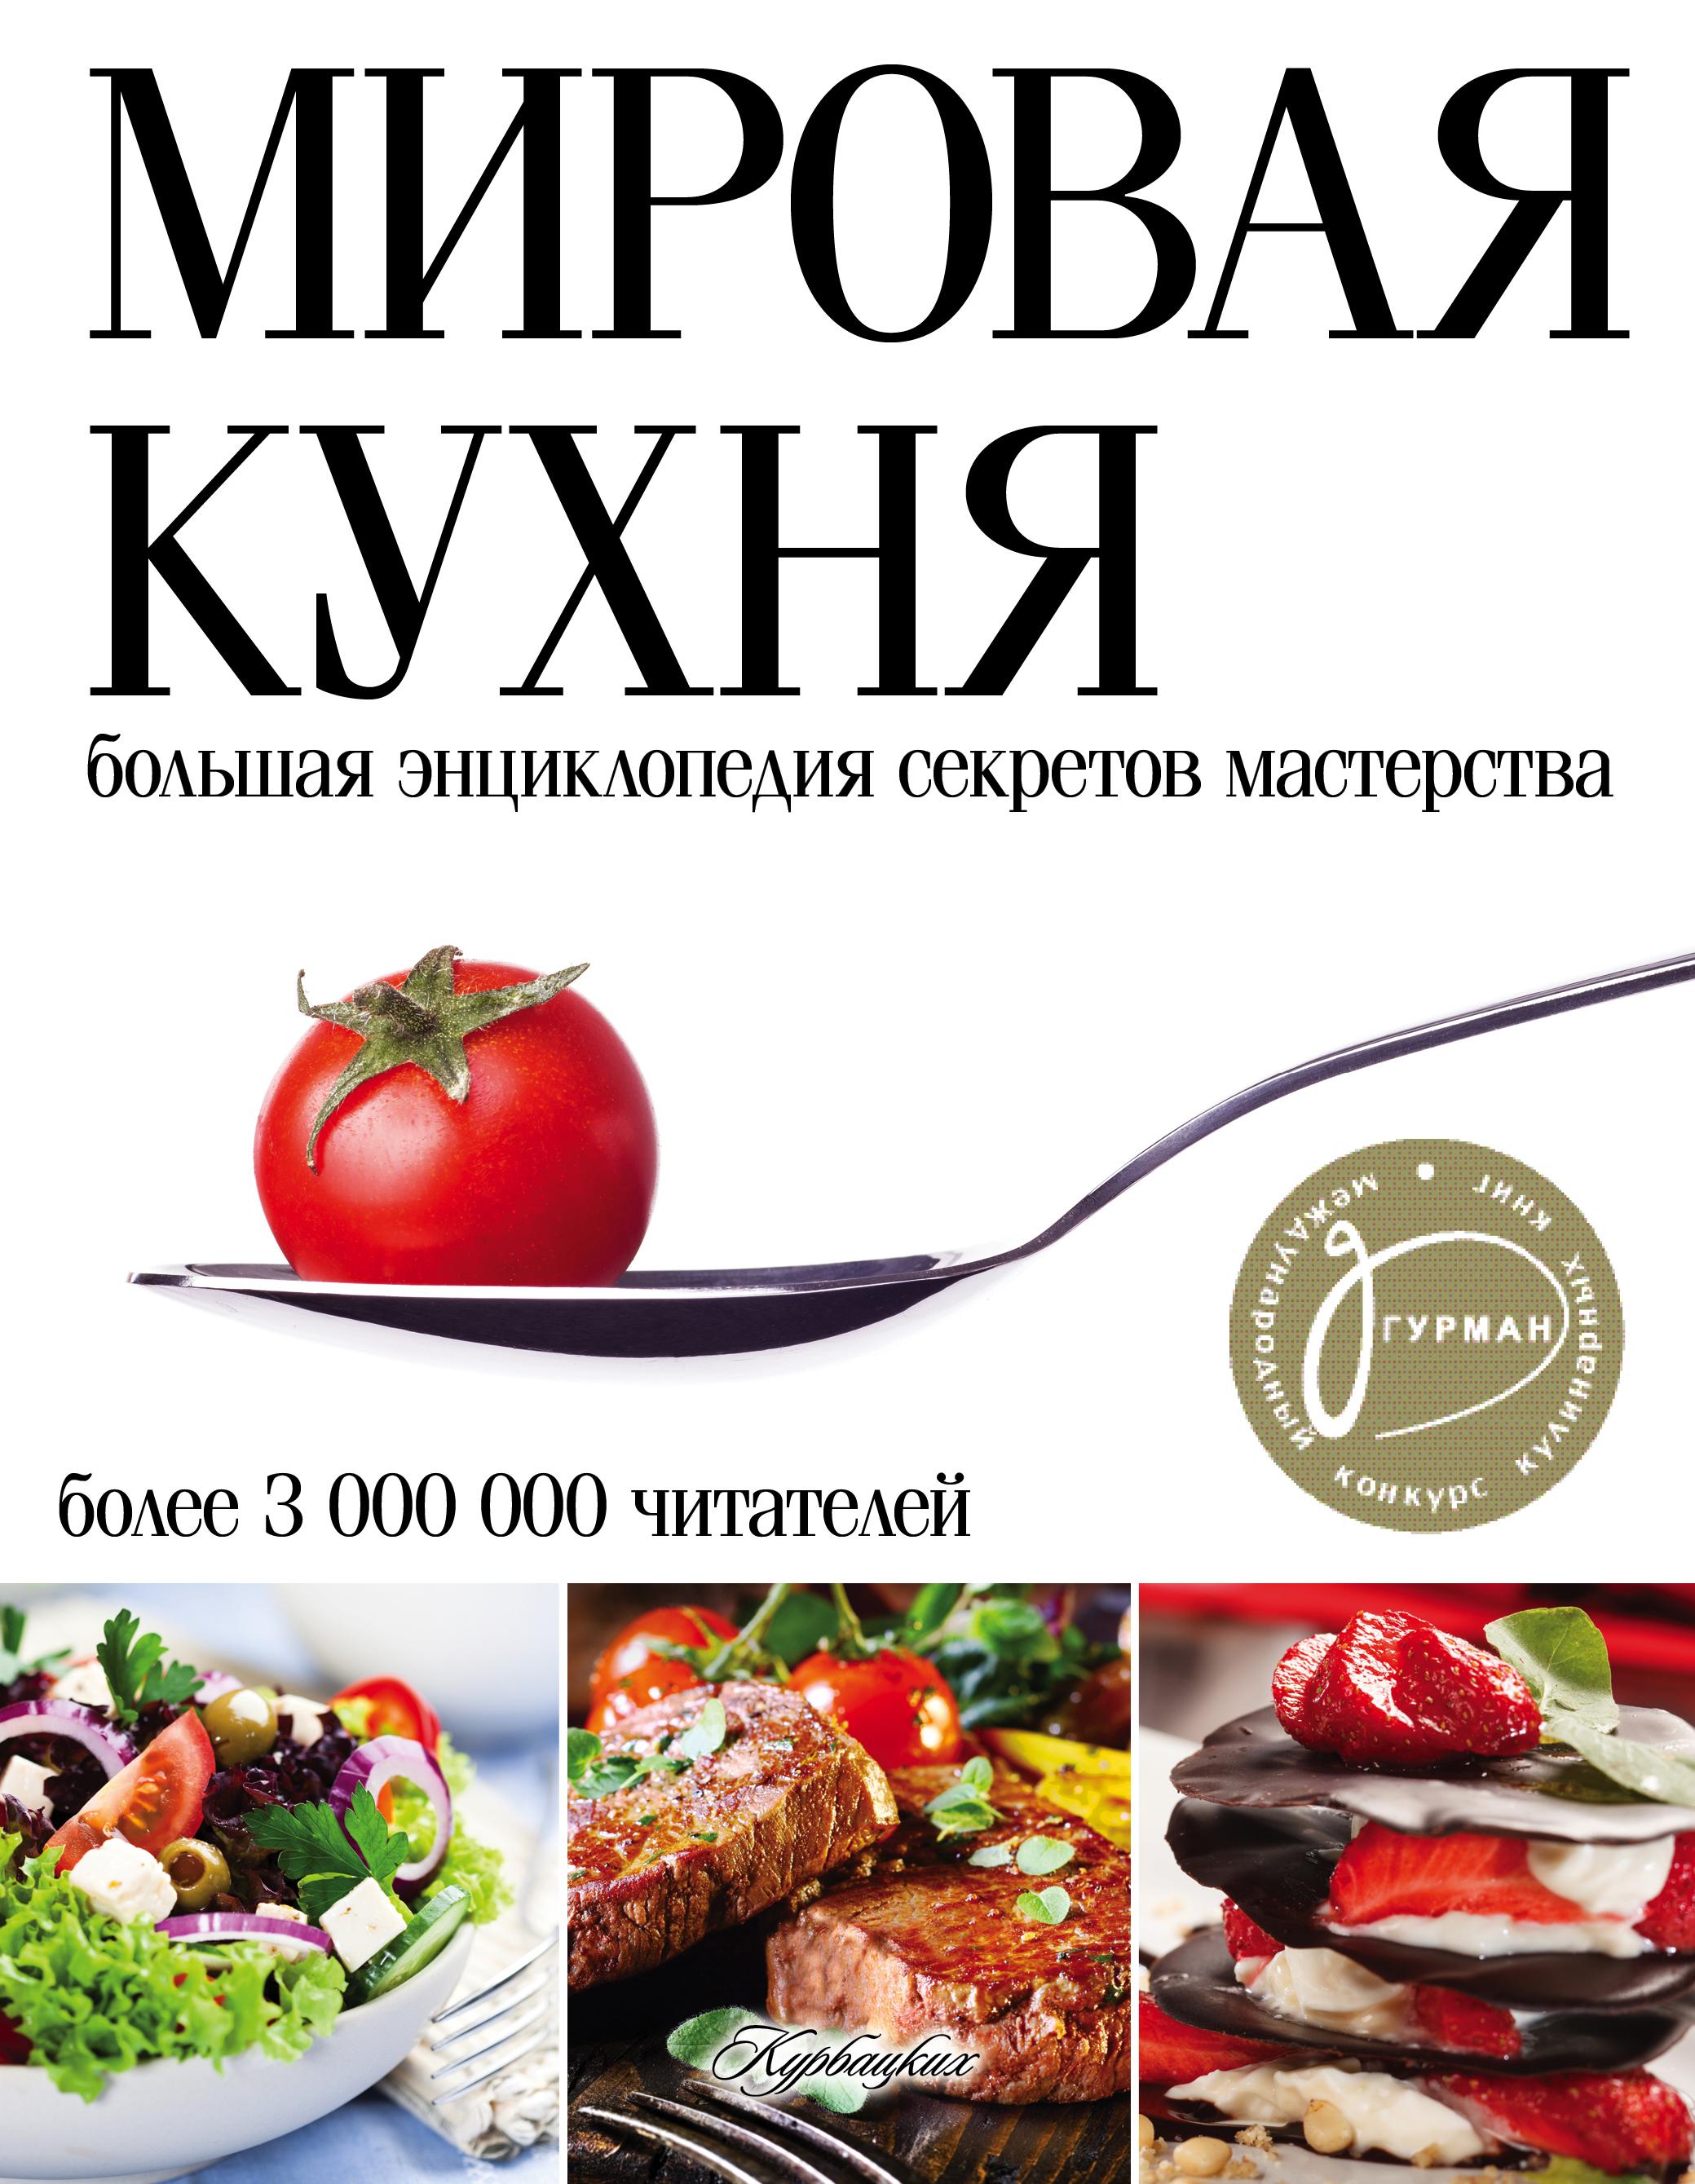 Мировая кухня. Большая энциклопедия секретов и мастерства еда быстрого приготовления